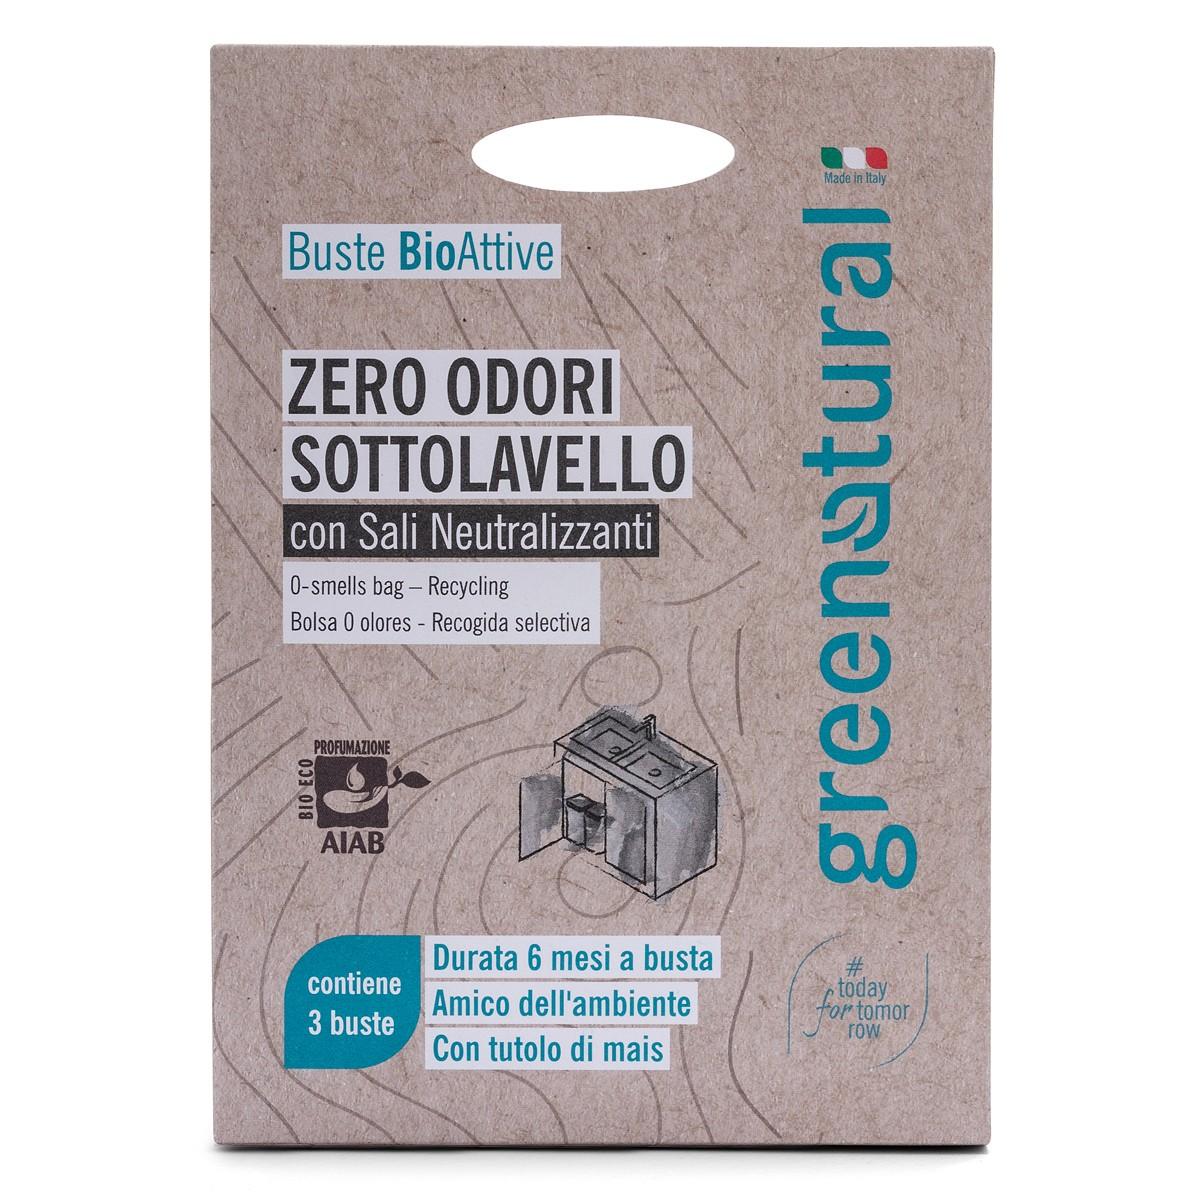 Buste Bioattive Zero Odori Sottolavello